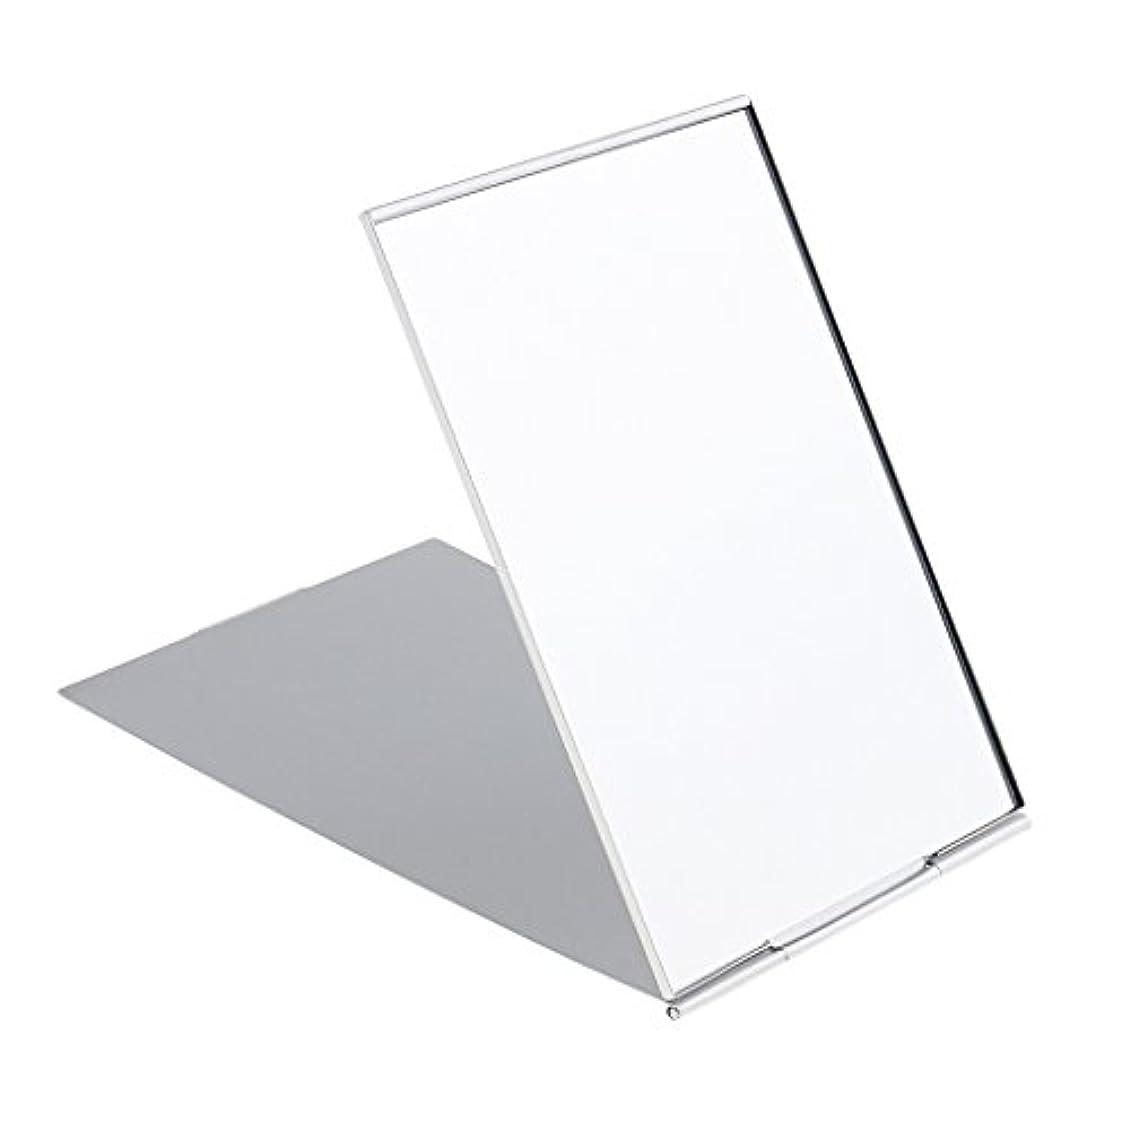 下手王朝パイプ化粧鏡 スタンド 卓上 メイクアップミラー 折り畳み式 卓上ミラー 全3サイズ - #1